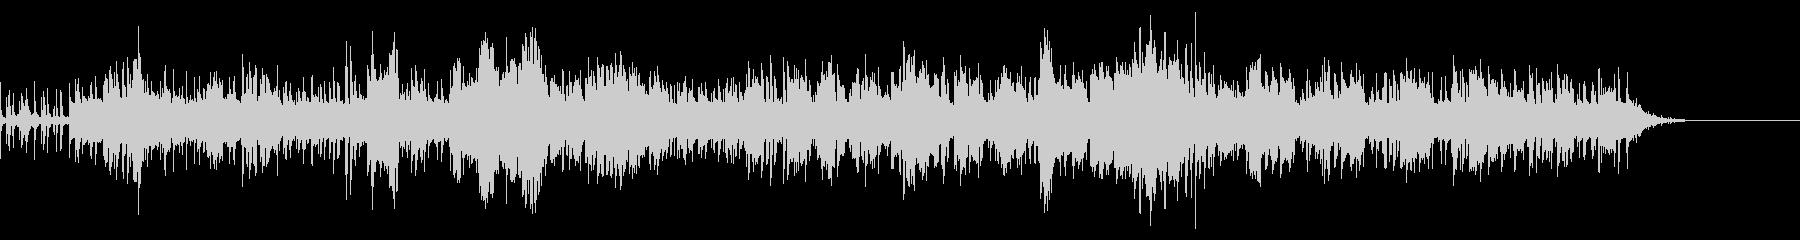 ソプラノsax子供voiceで暗funkの未再生の波形